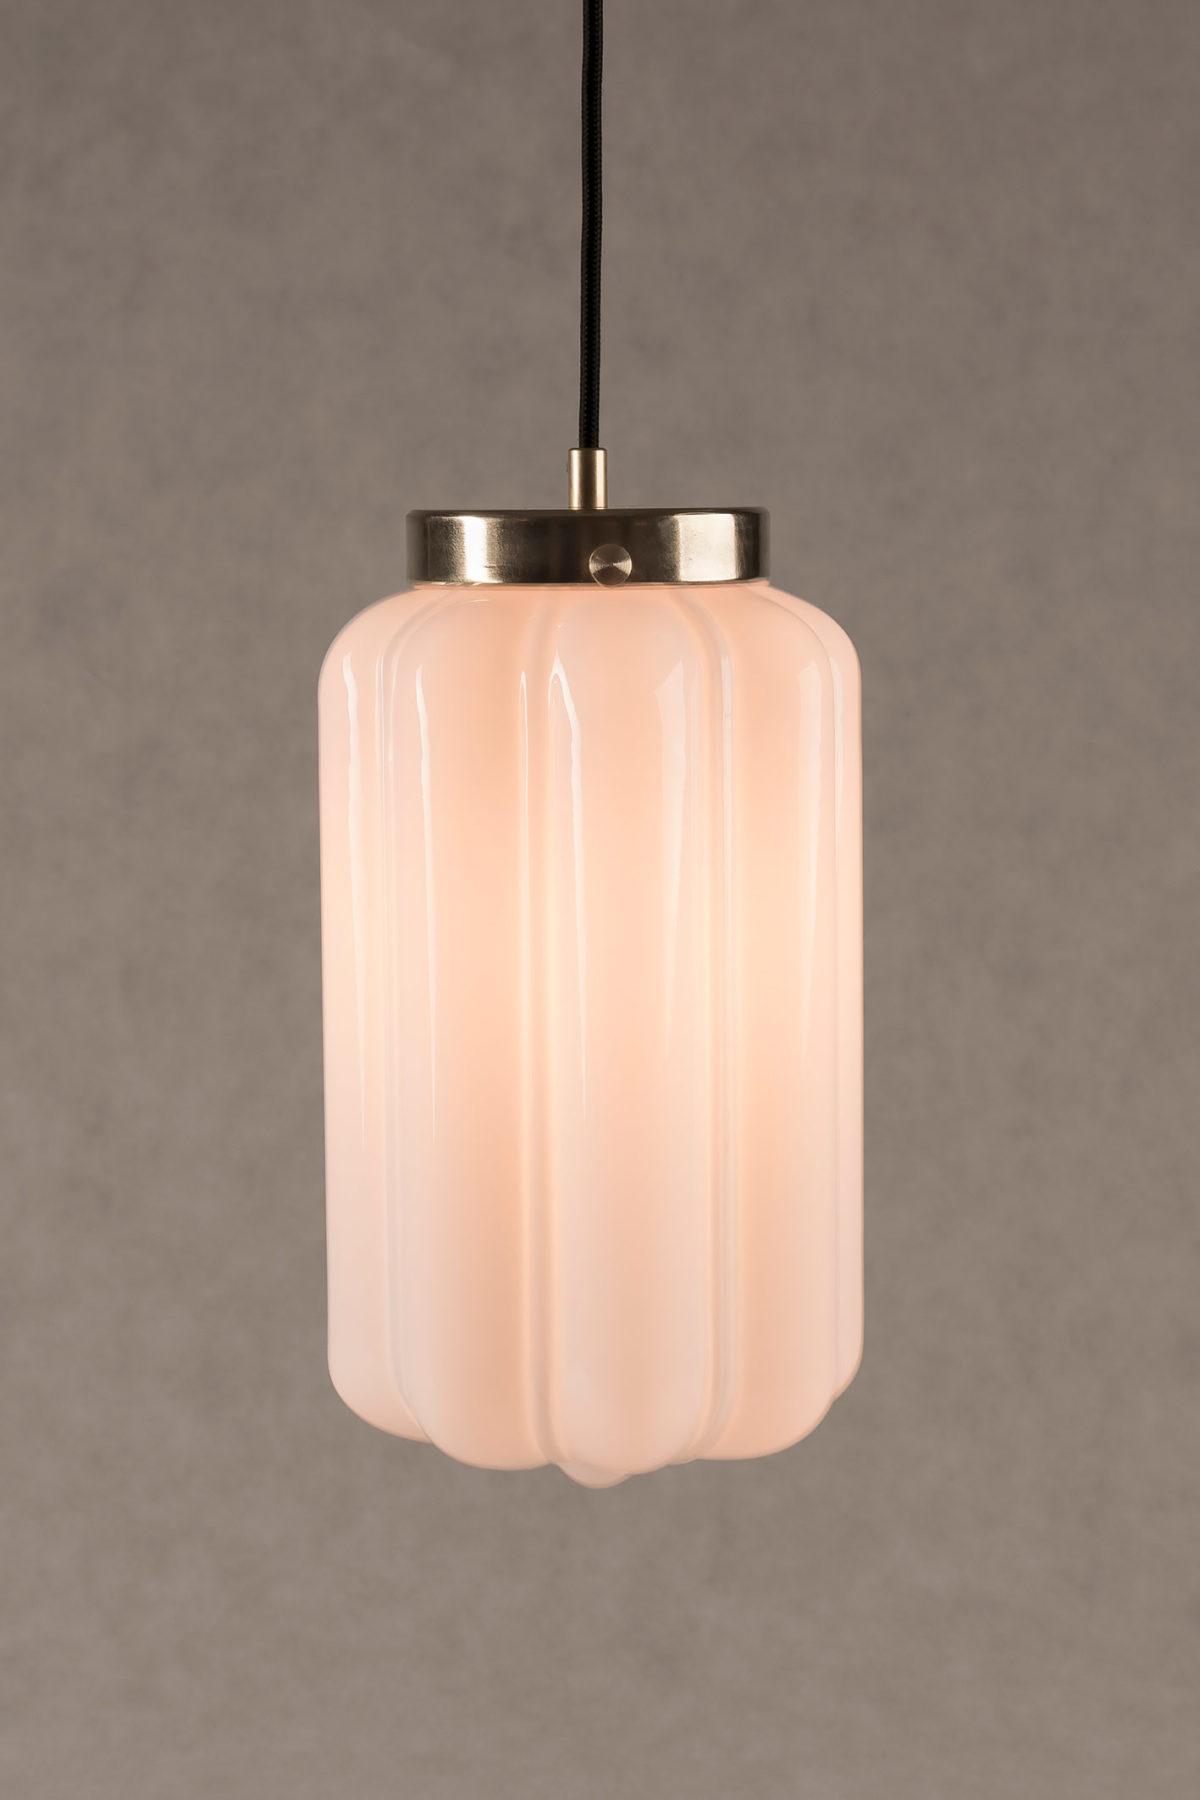 Szklana biała lampa wisząca Deco mleczne 2